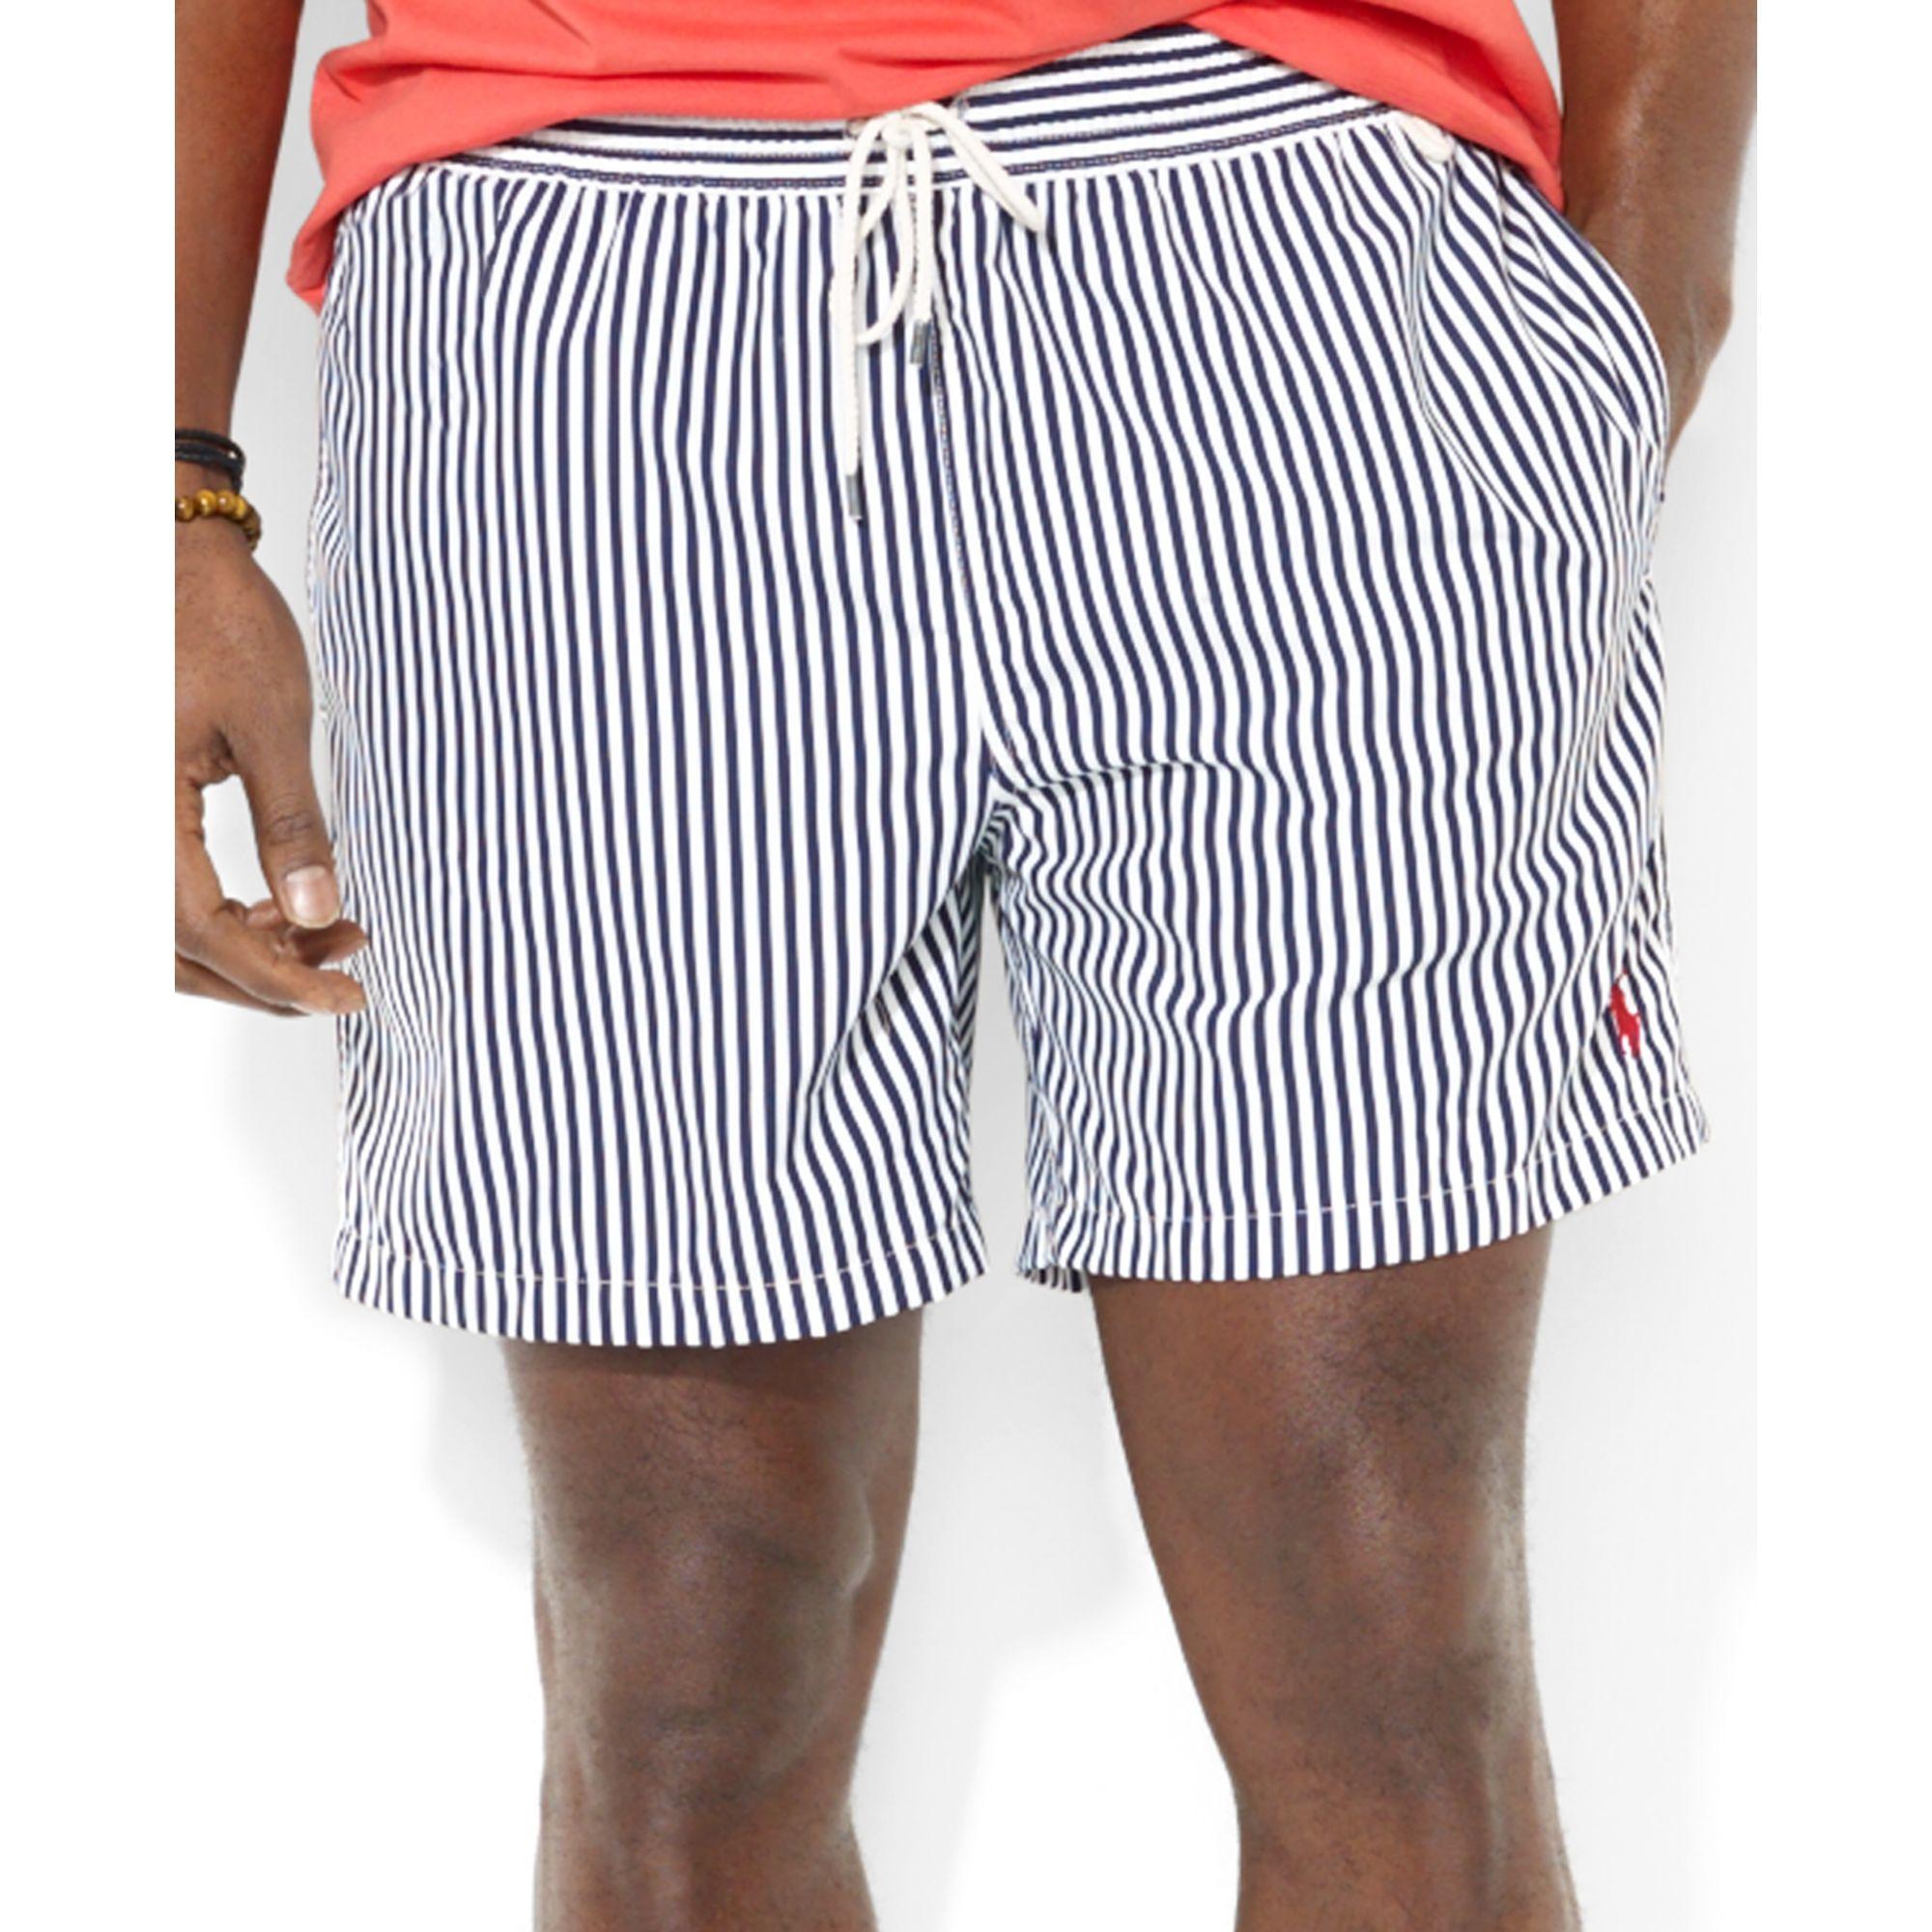 2b18895d8c ... where to buy lyst polo ralph lauren striped swim trunks in blue for men  f0409 57344 ...